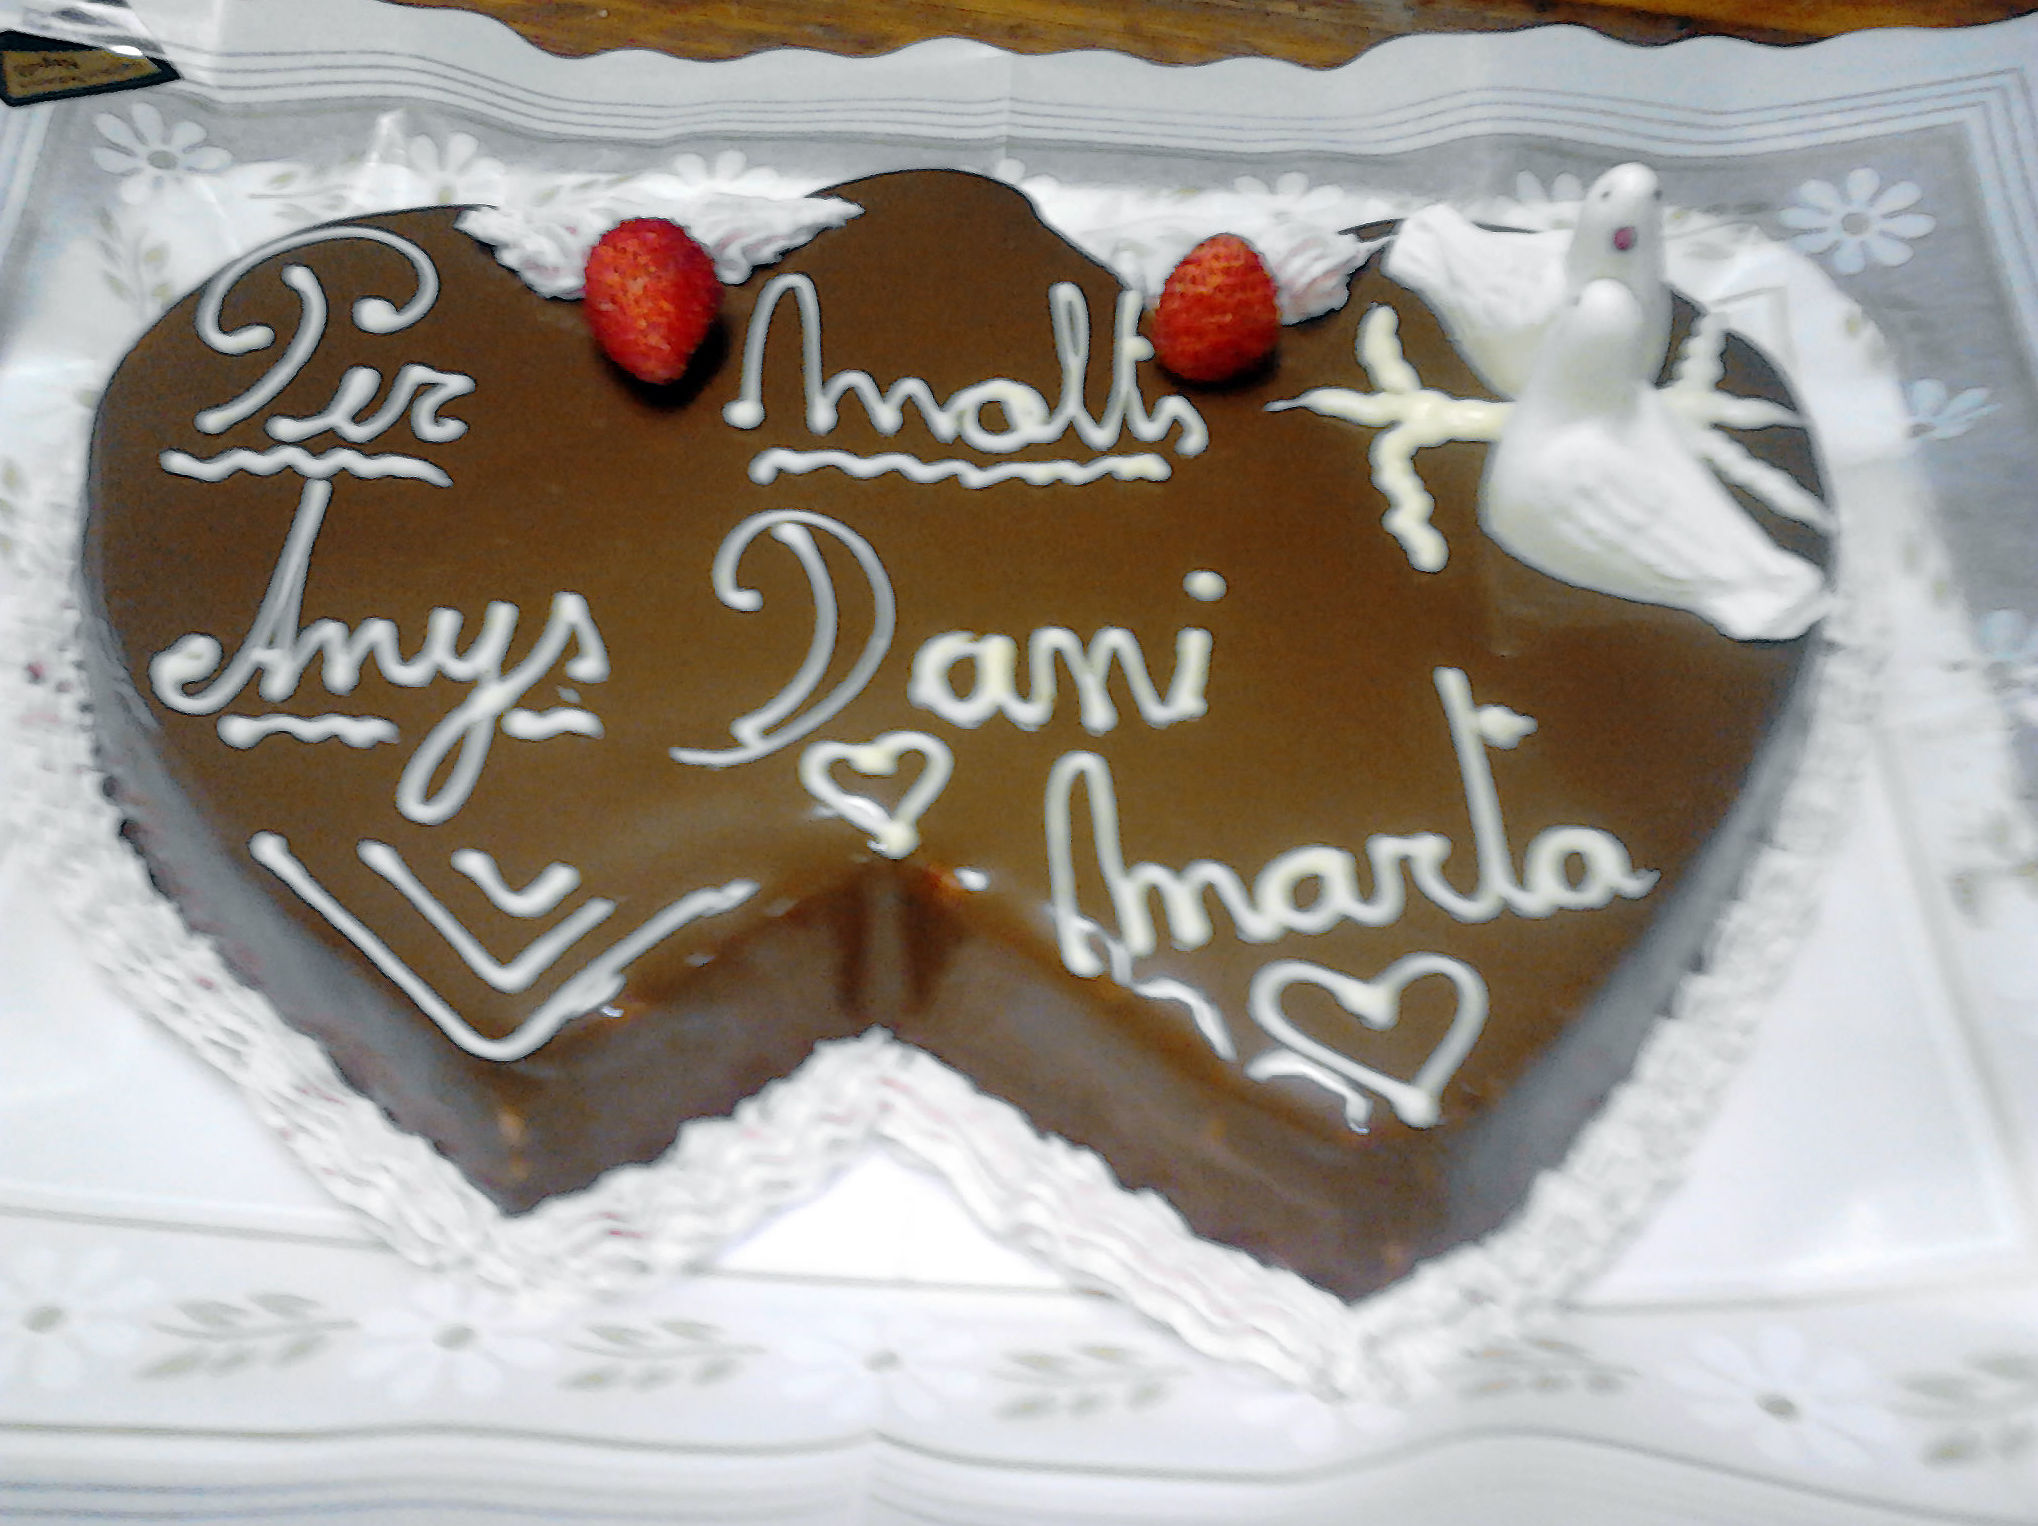 Elaboración artesana de tartas para celebraciones